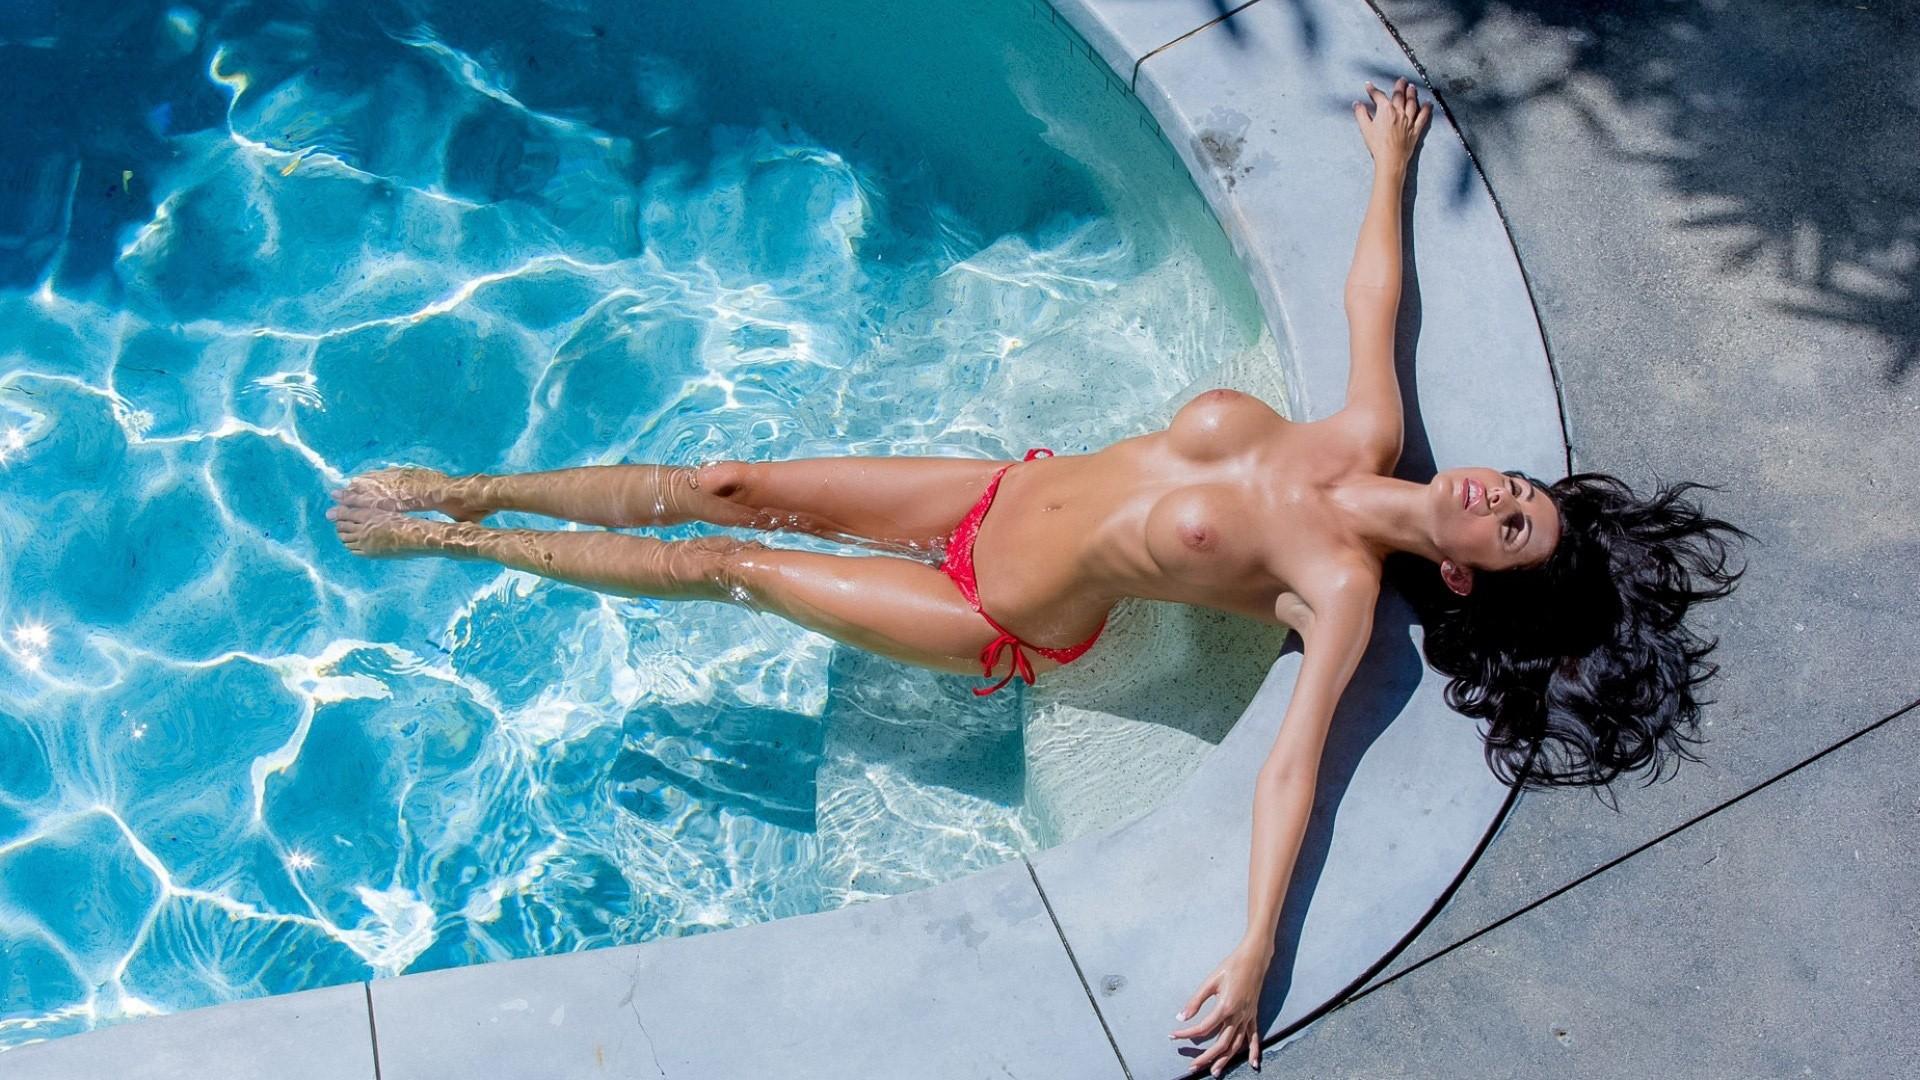 1080 bikini pics